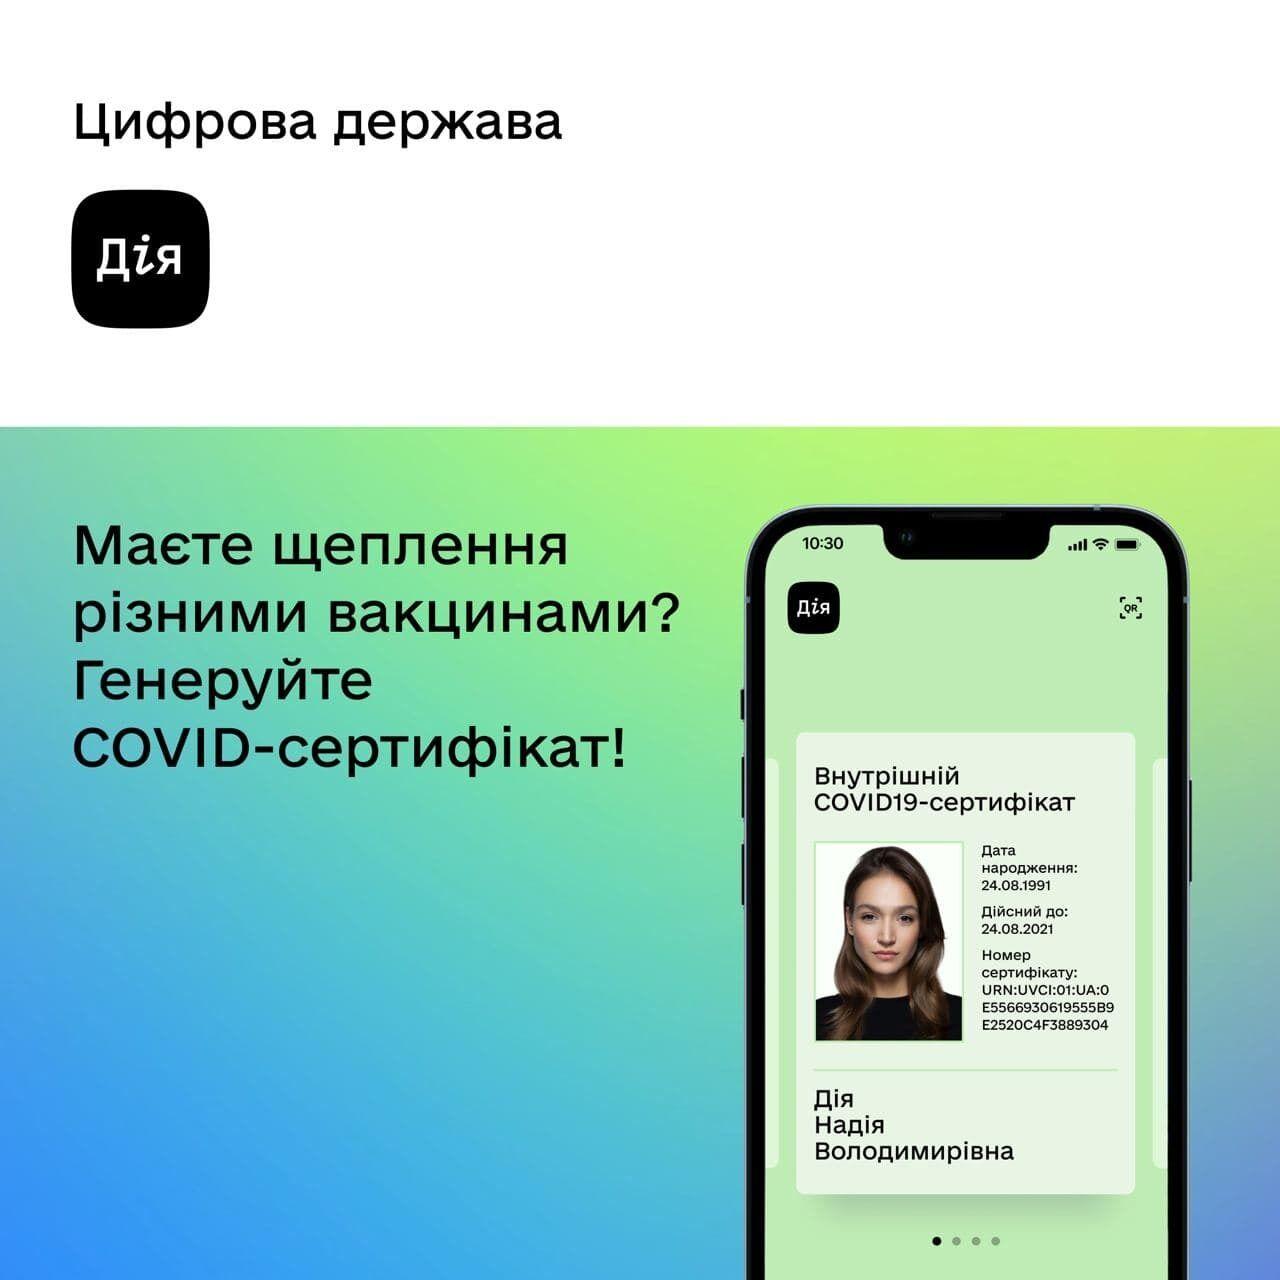 Telegram Дія